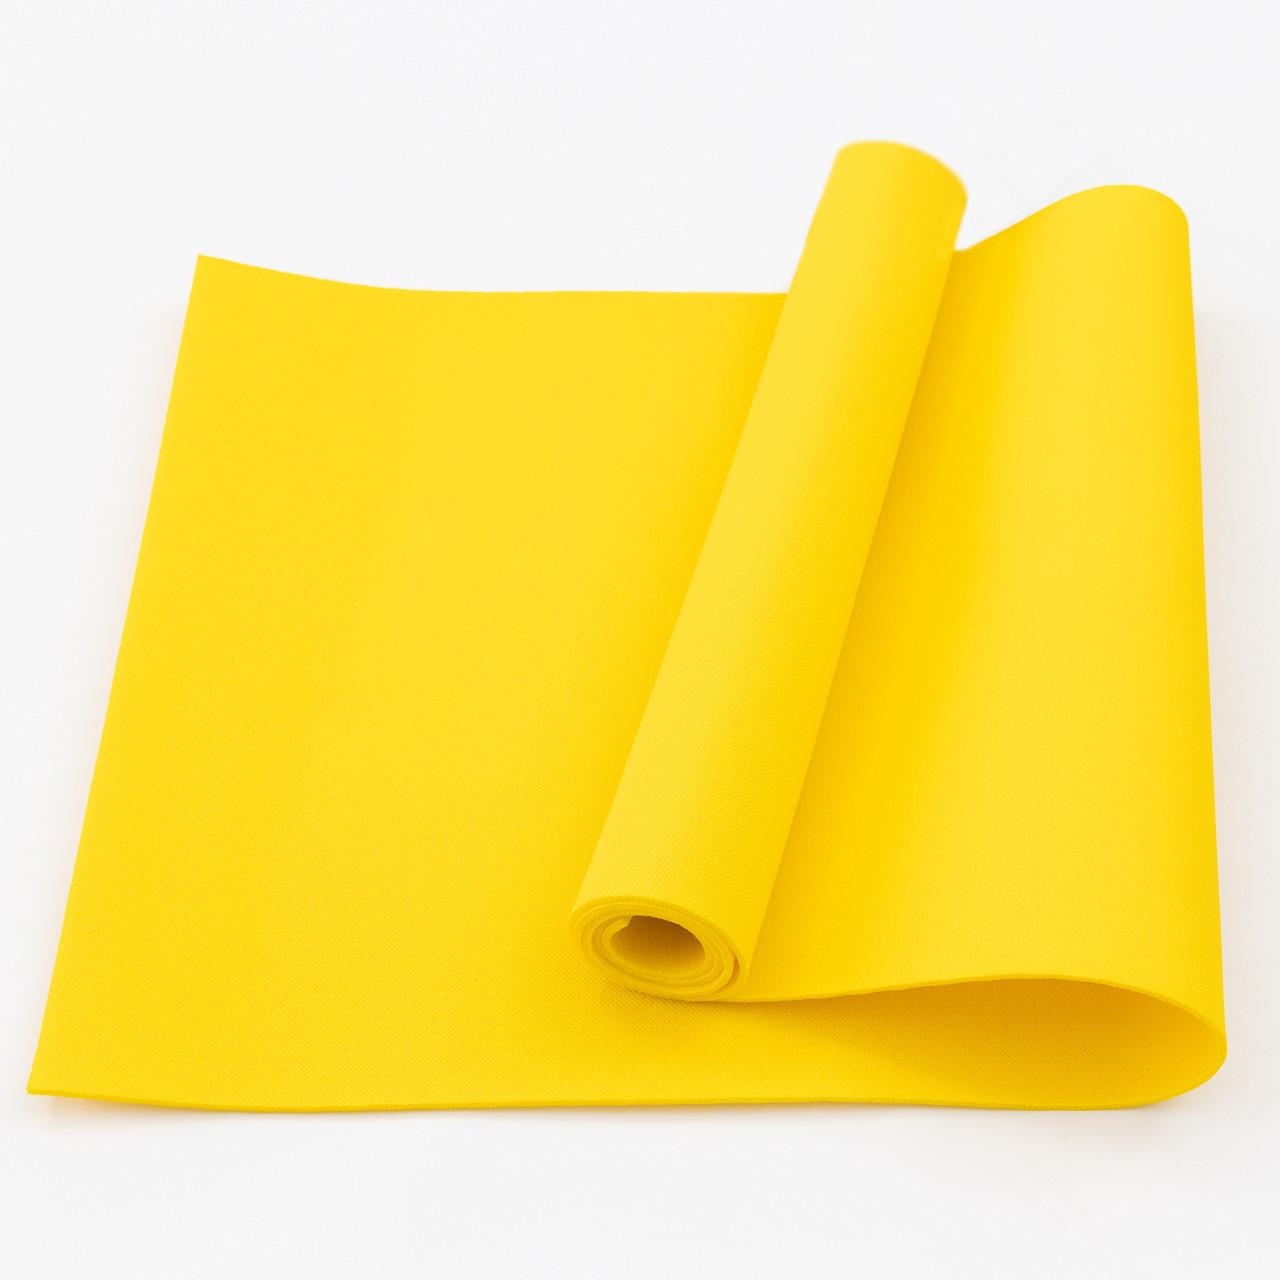 Килимок (каремат) для йоги, фітнесу, танців OSPORT Колібрі (FI-0077) Жовтий